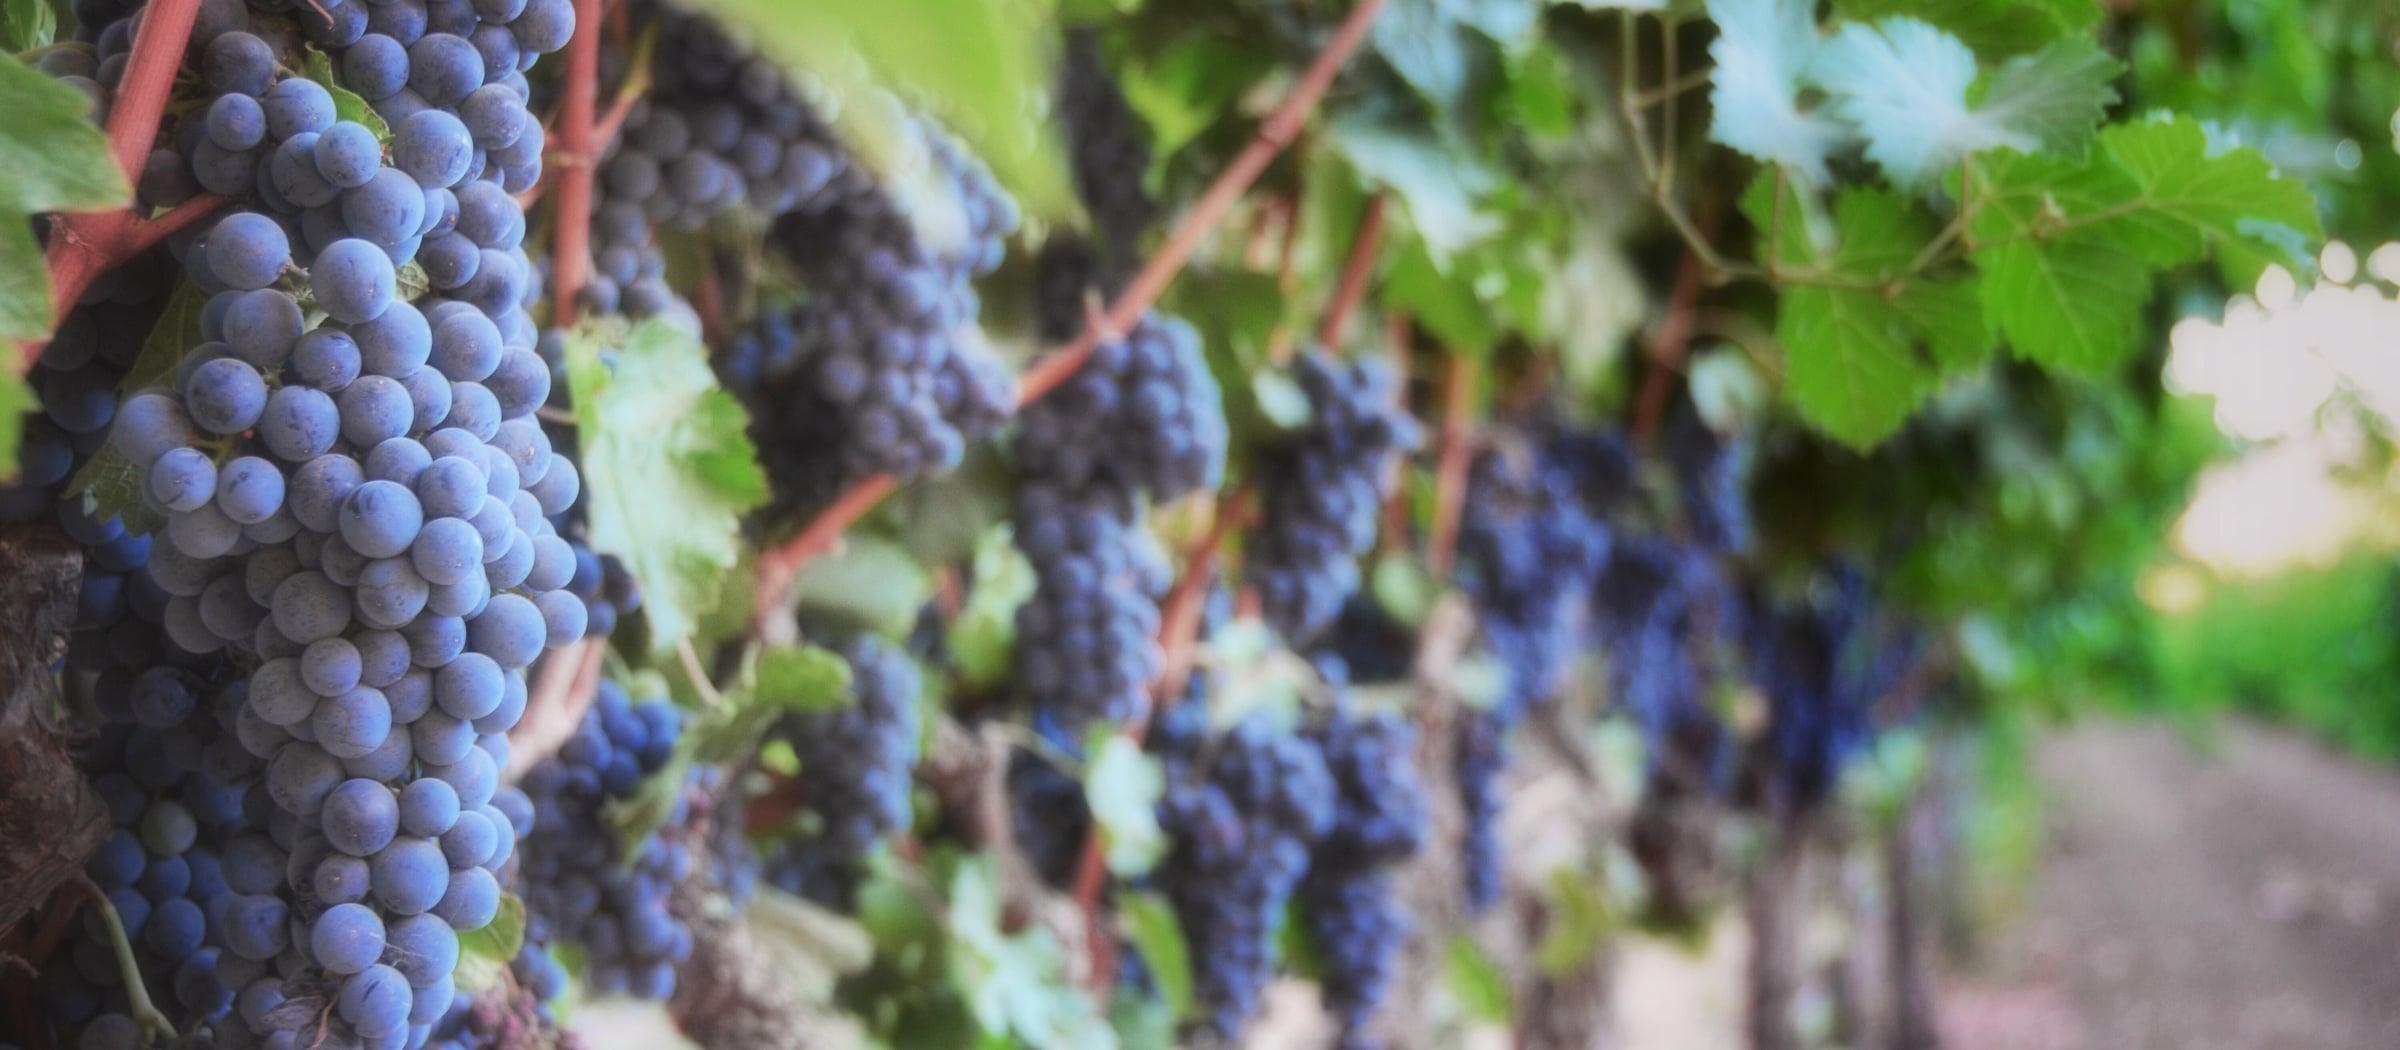 Wein Trauben Pistor Sortiment